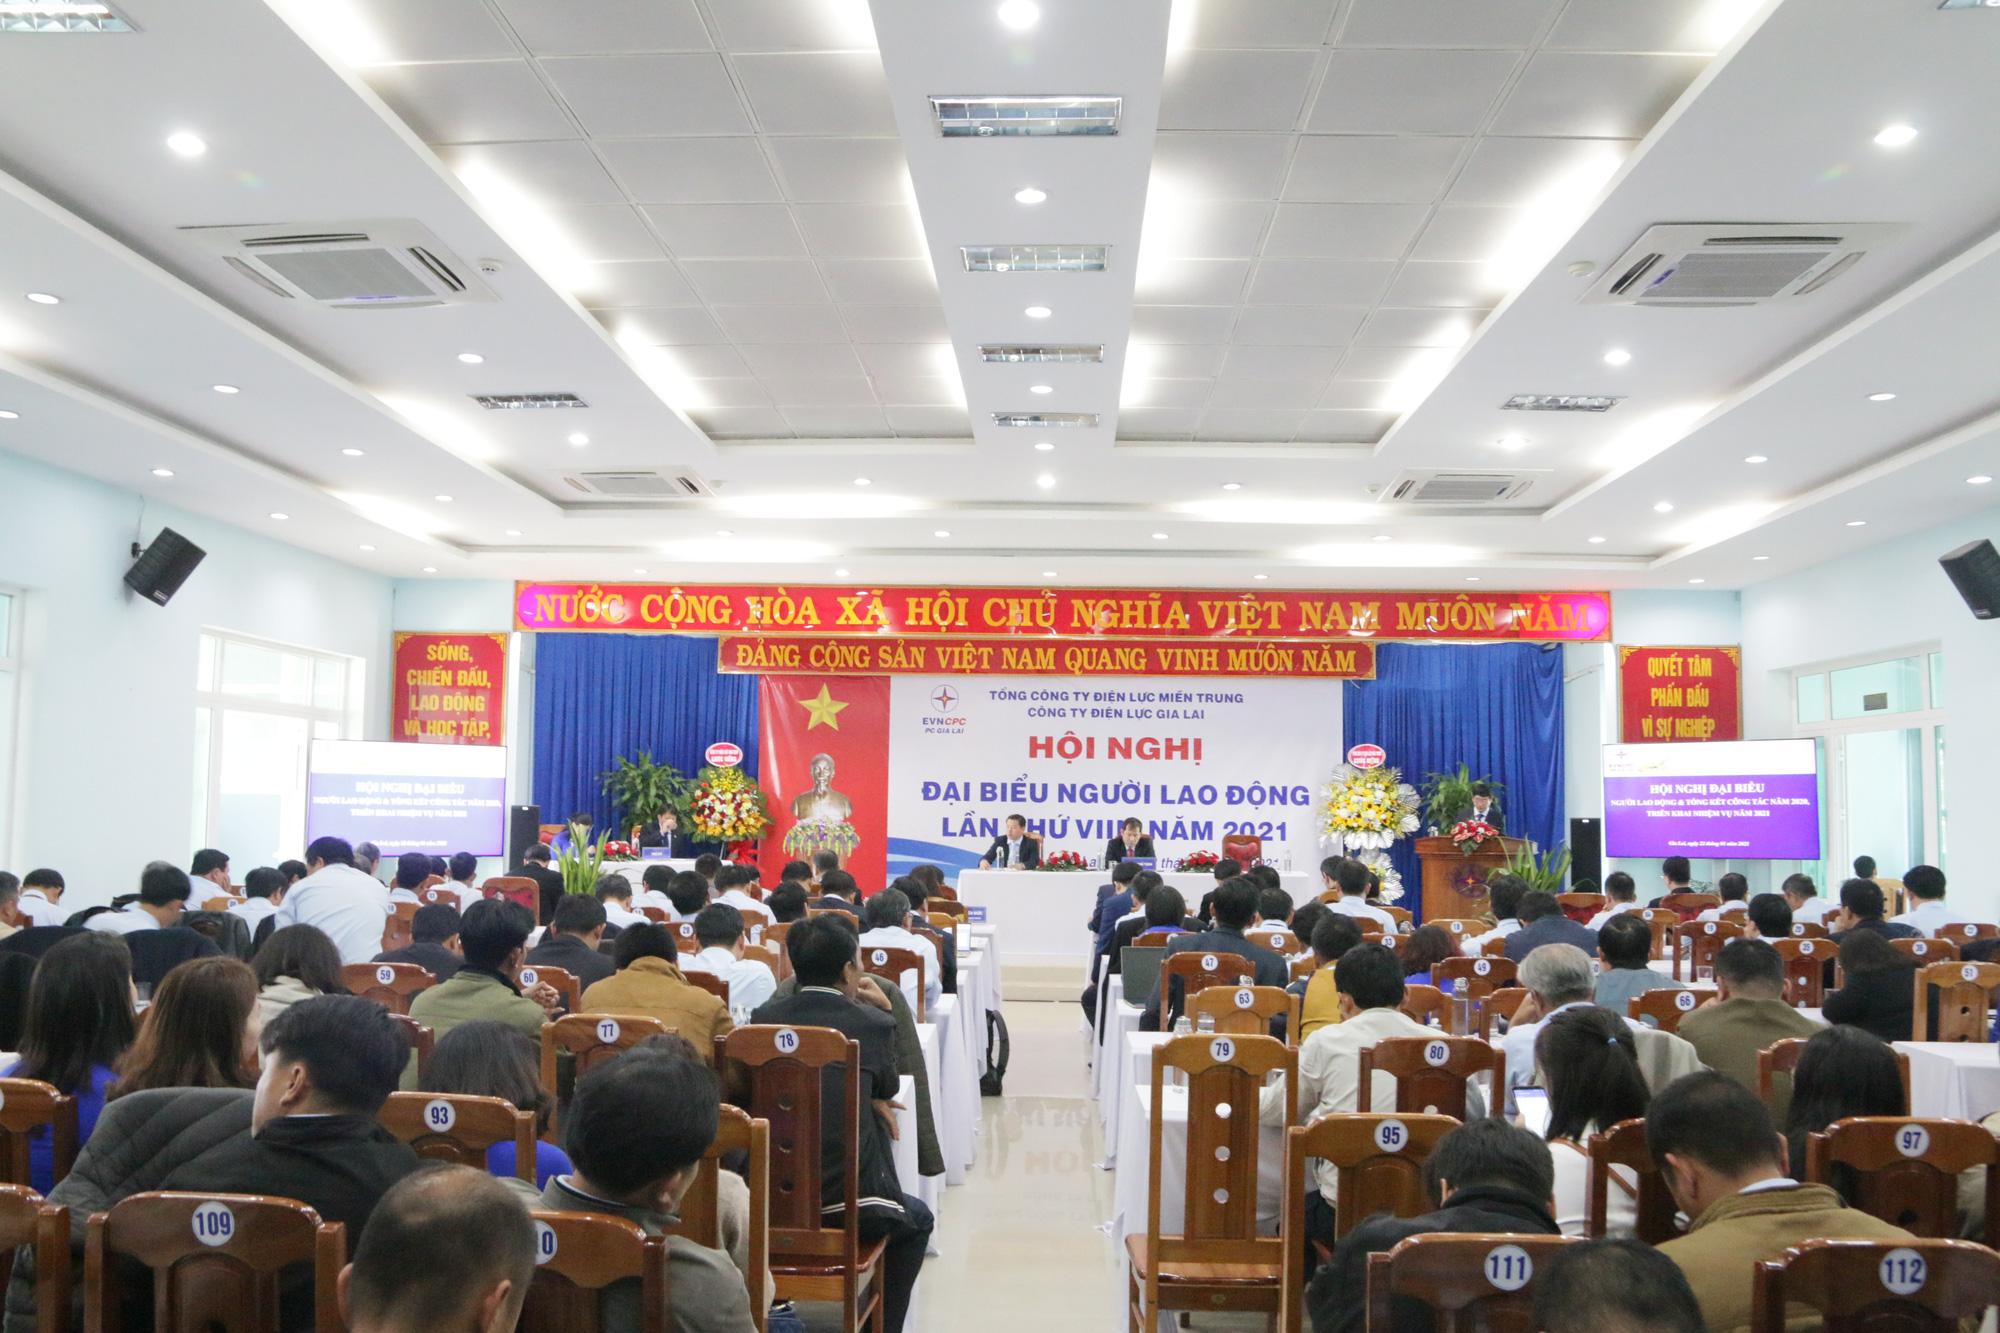 Công ty Điện lực Gia Lai: Tổ chức Hội nghị đại biểu người lao động và triển khai nhiệm vụ năm 2021 - Ảnh 2.